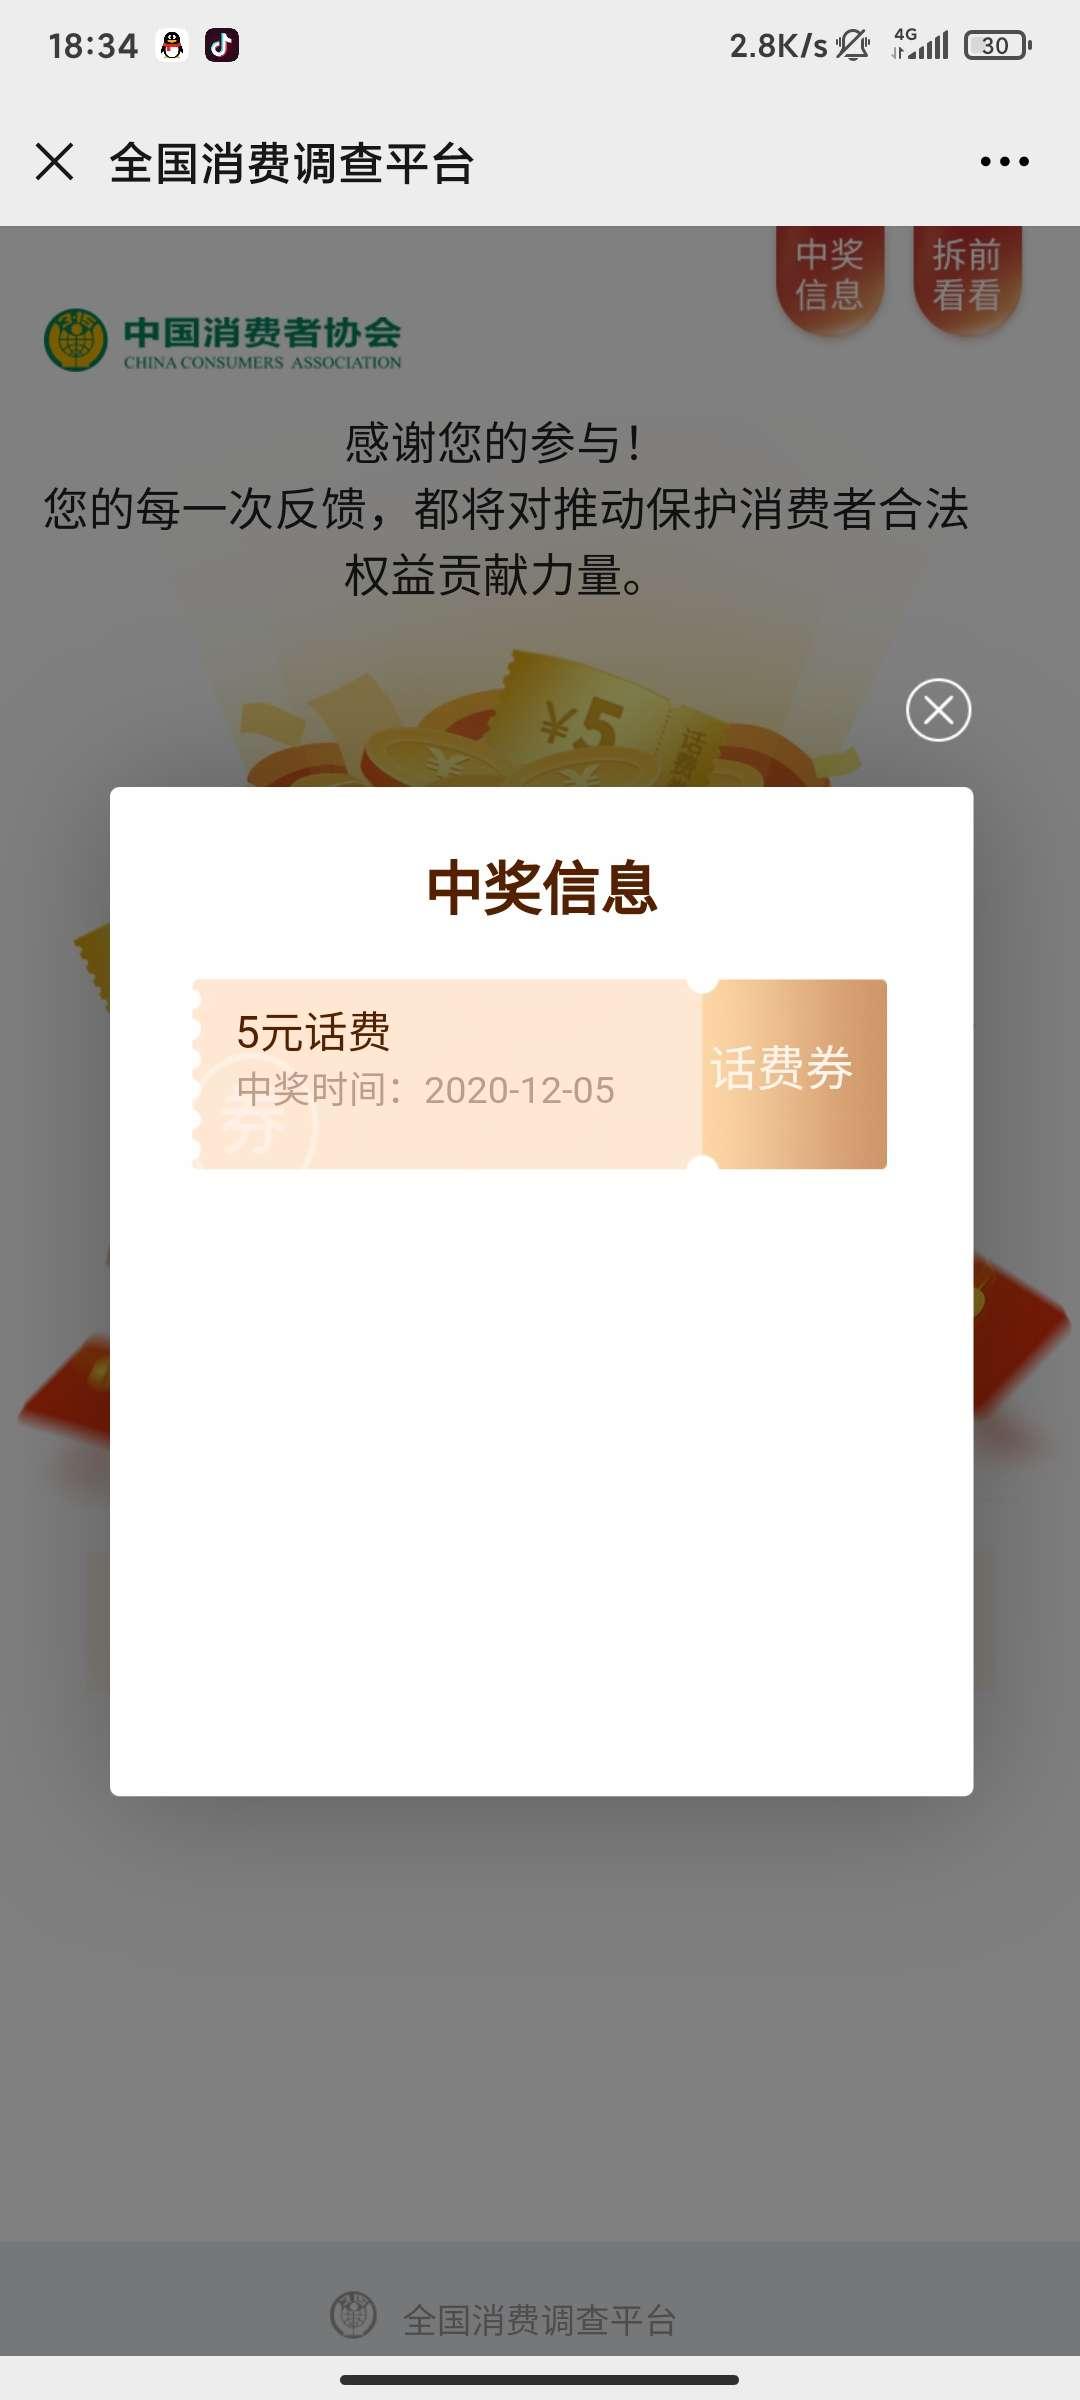 【话费流量】中国移动领话费-聚合资源网